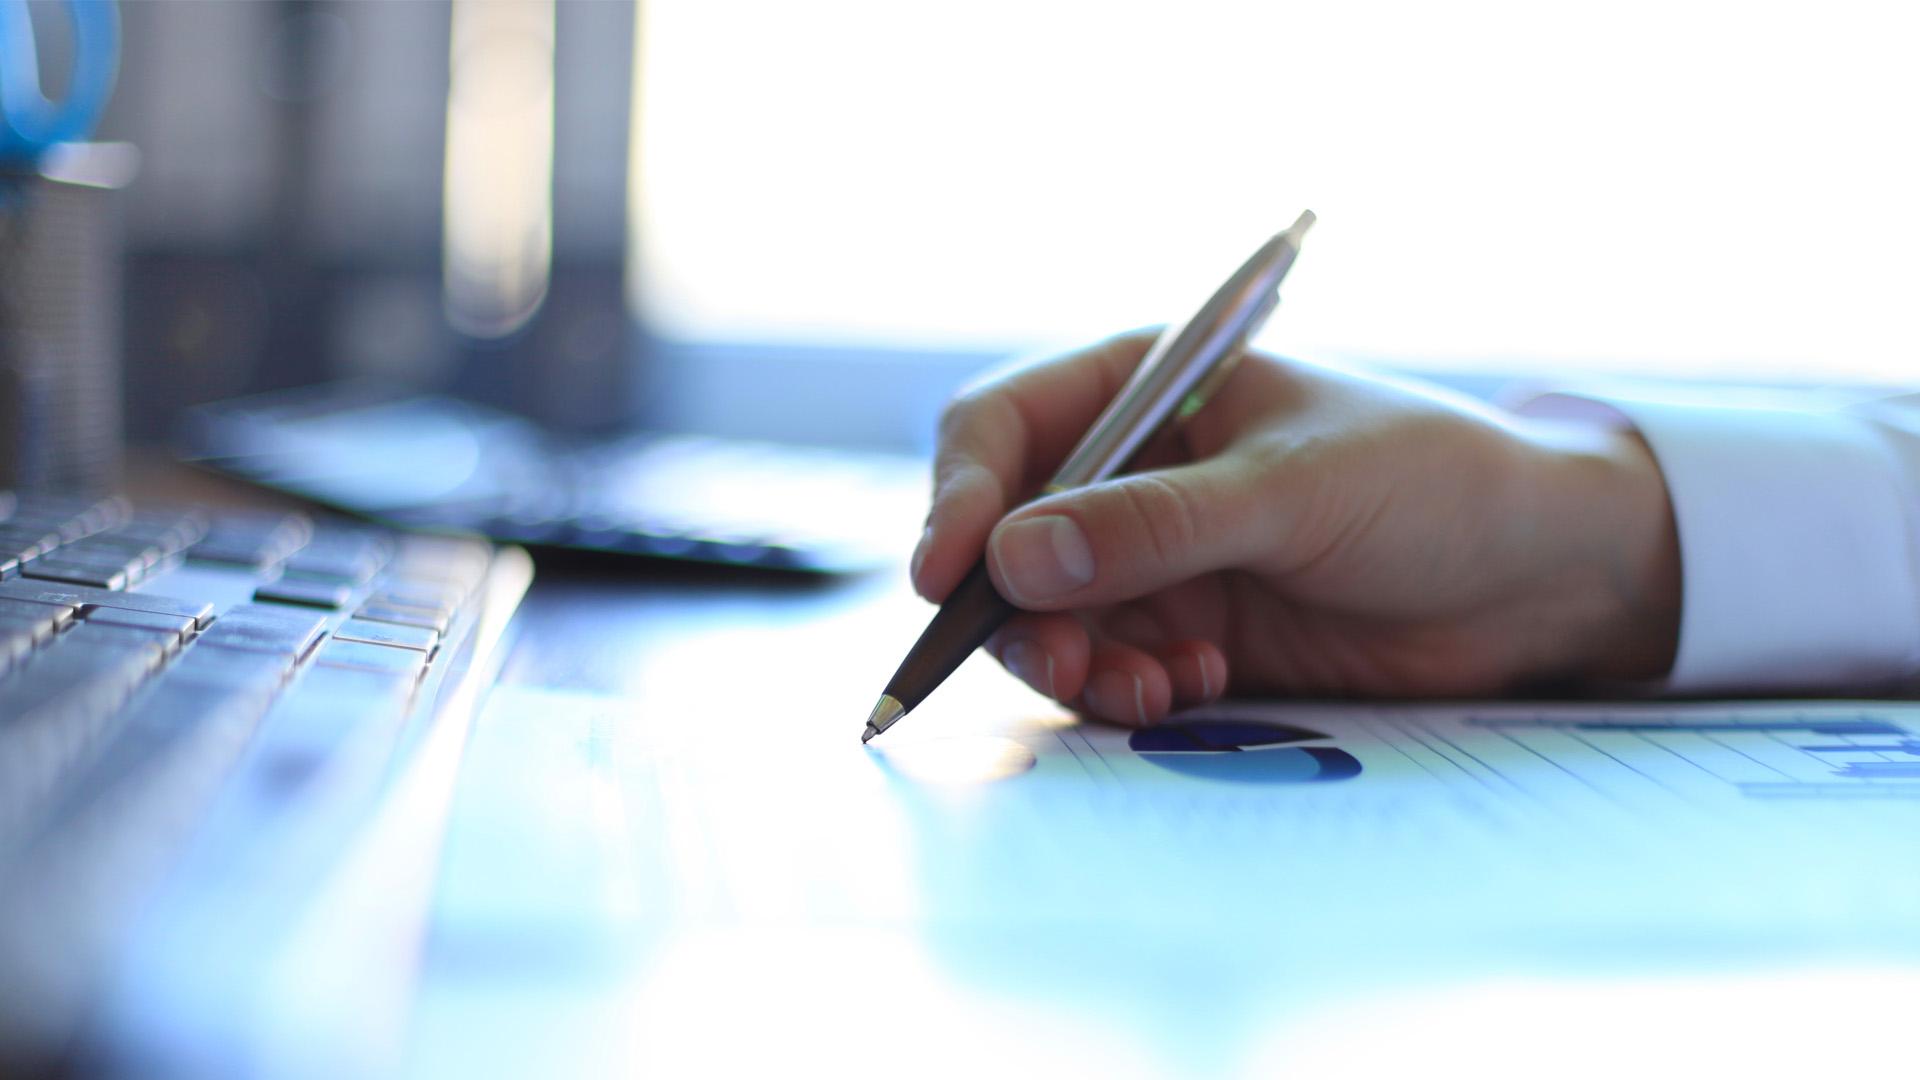 صحافتك الهيئة الاتحادية للضرائب تدعو للمبادرة في التسجيل لضريبة